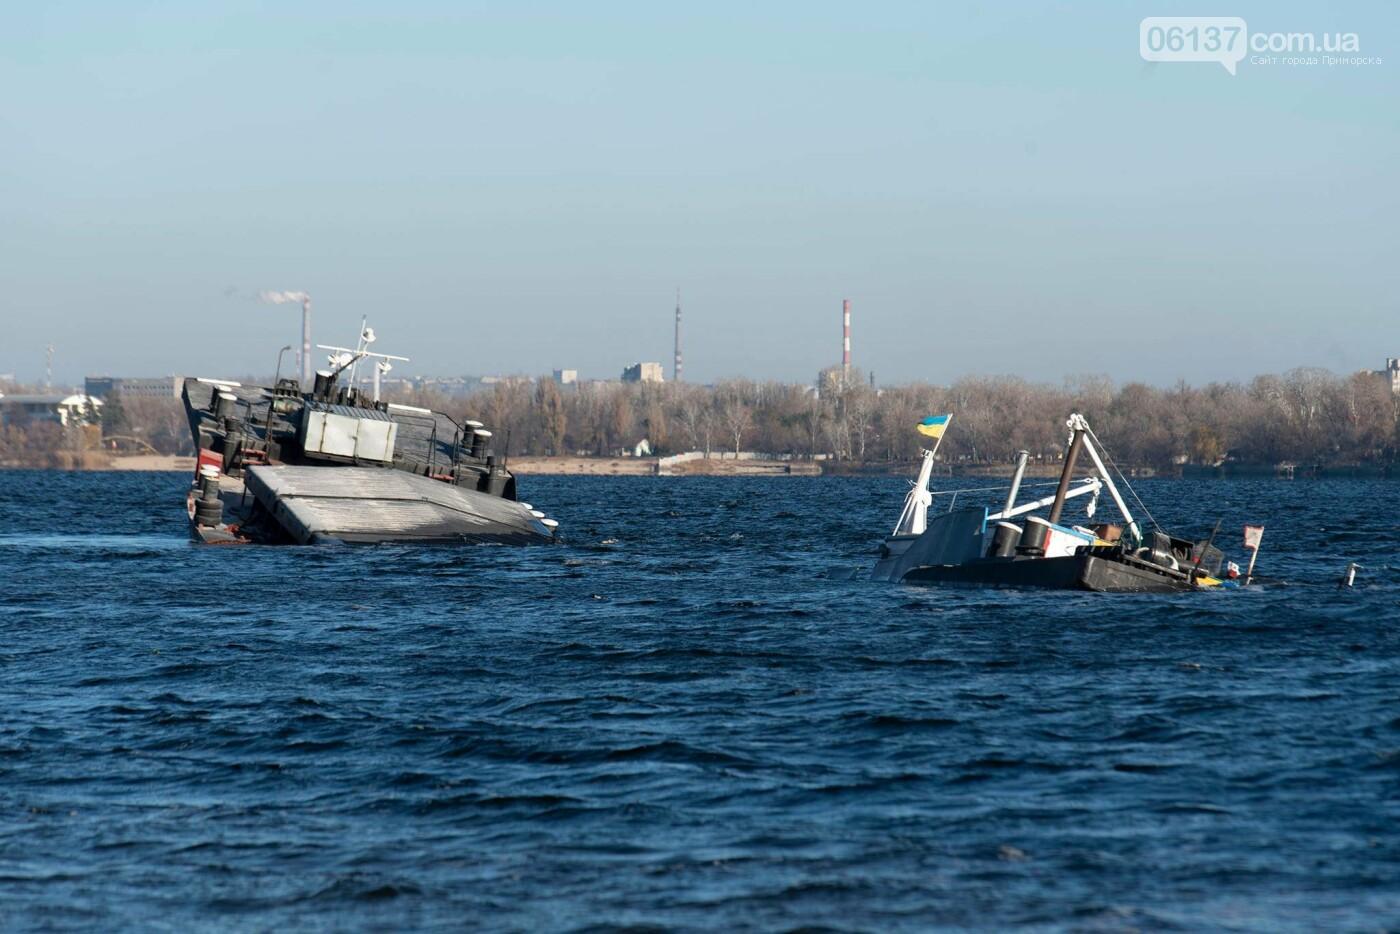 Запорожский фотограф опубликовал интересные кадры, затонувшего в Разумовке, сухогруза. Фото , фото-3